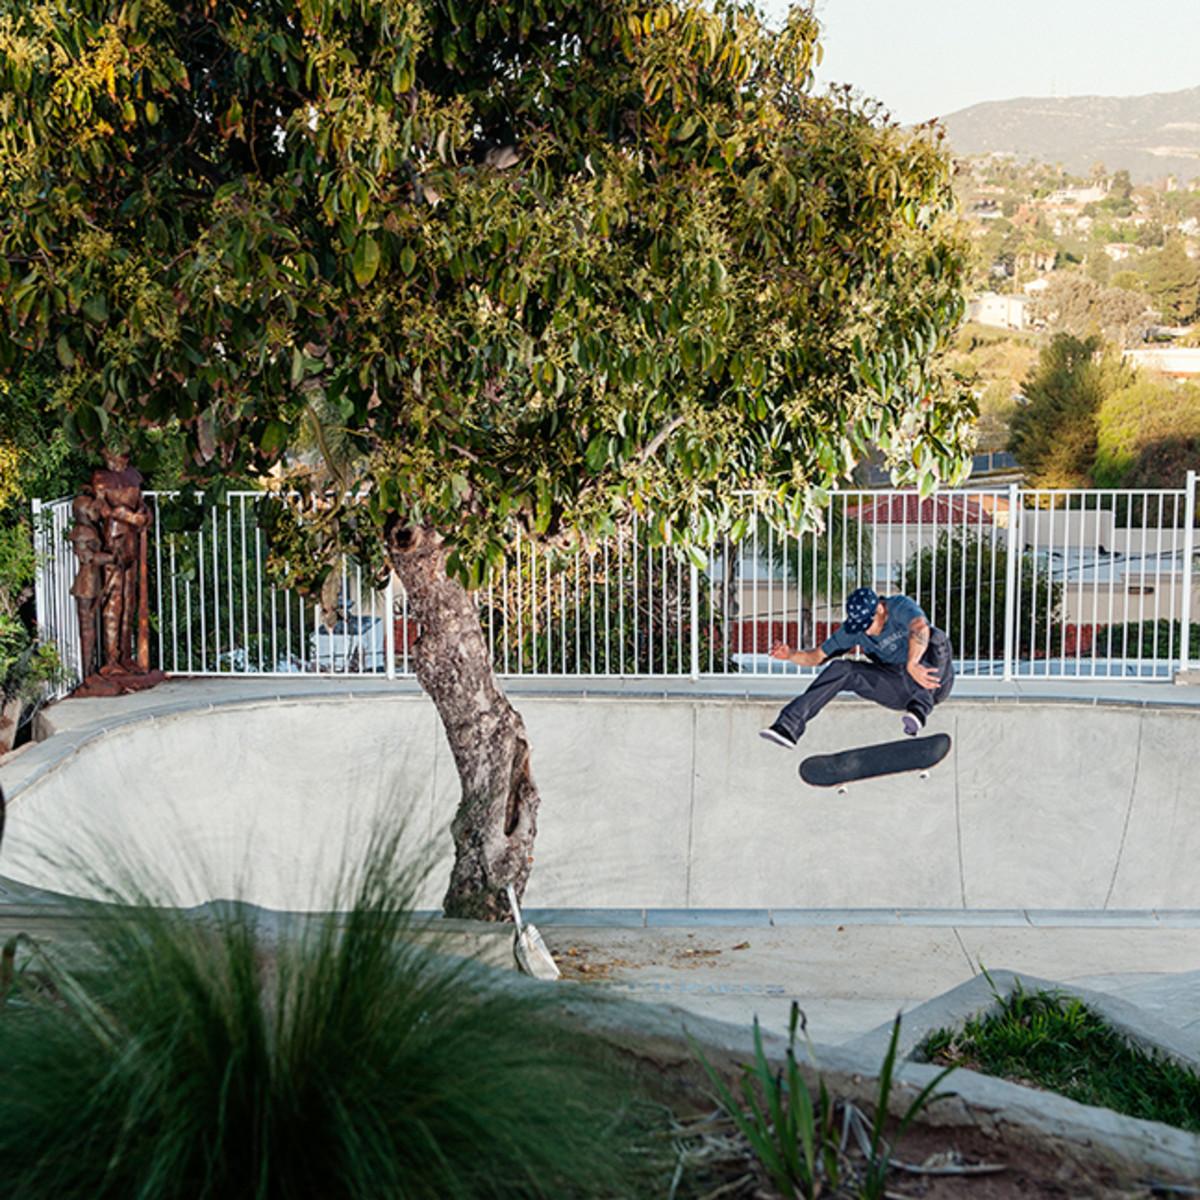 5-backyard-skateparks-built-for-pro-skaters